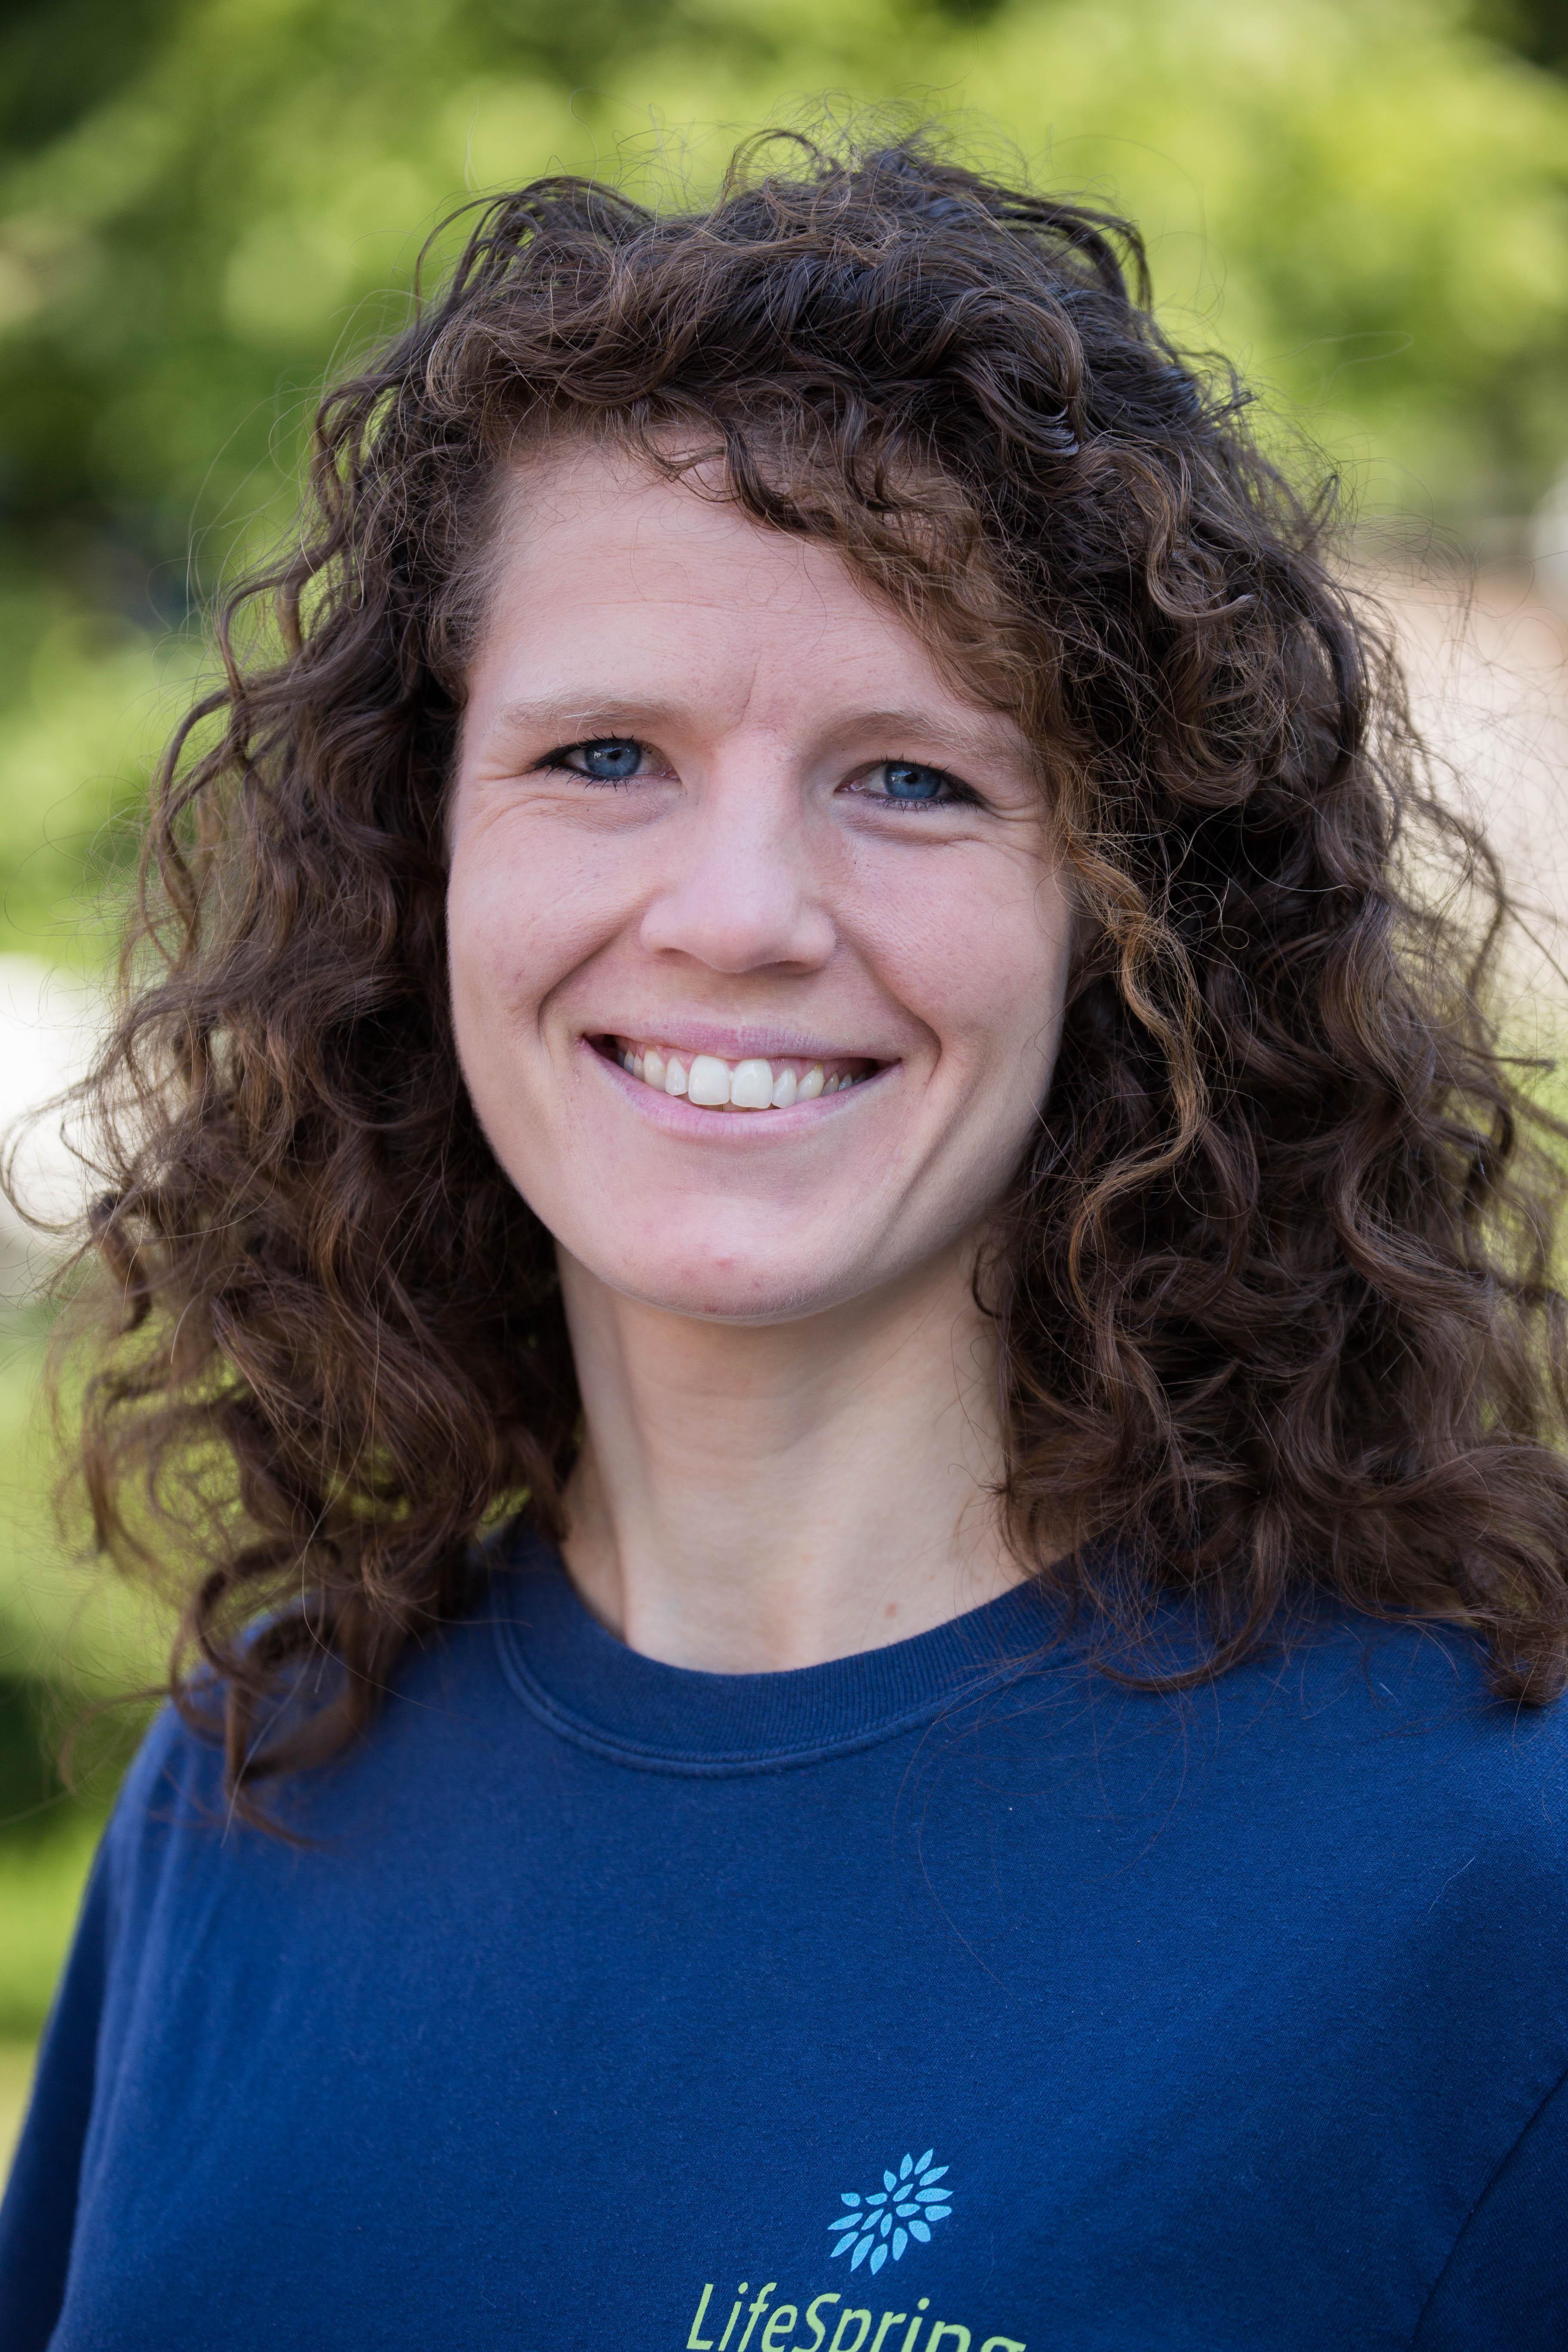 Sadie McElrath